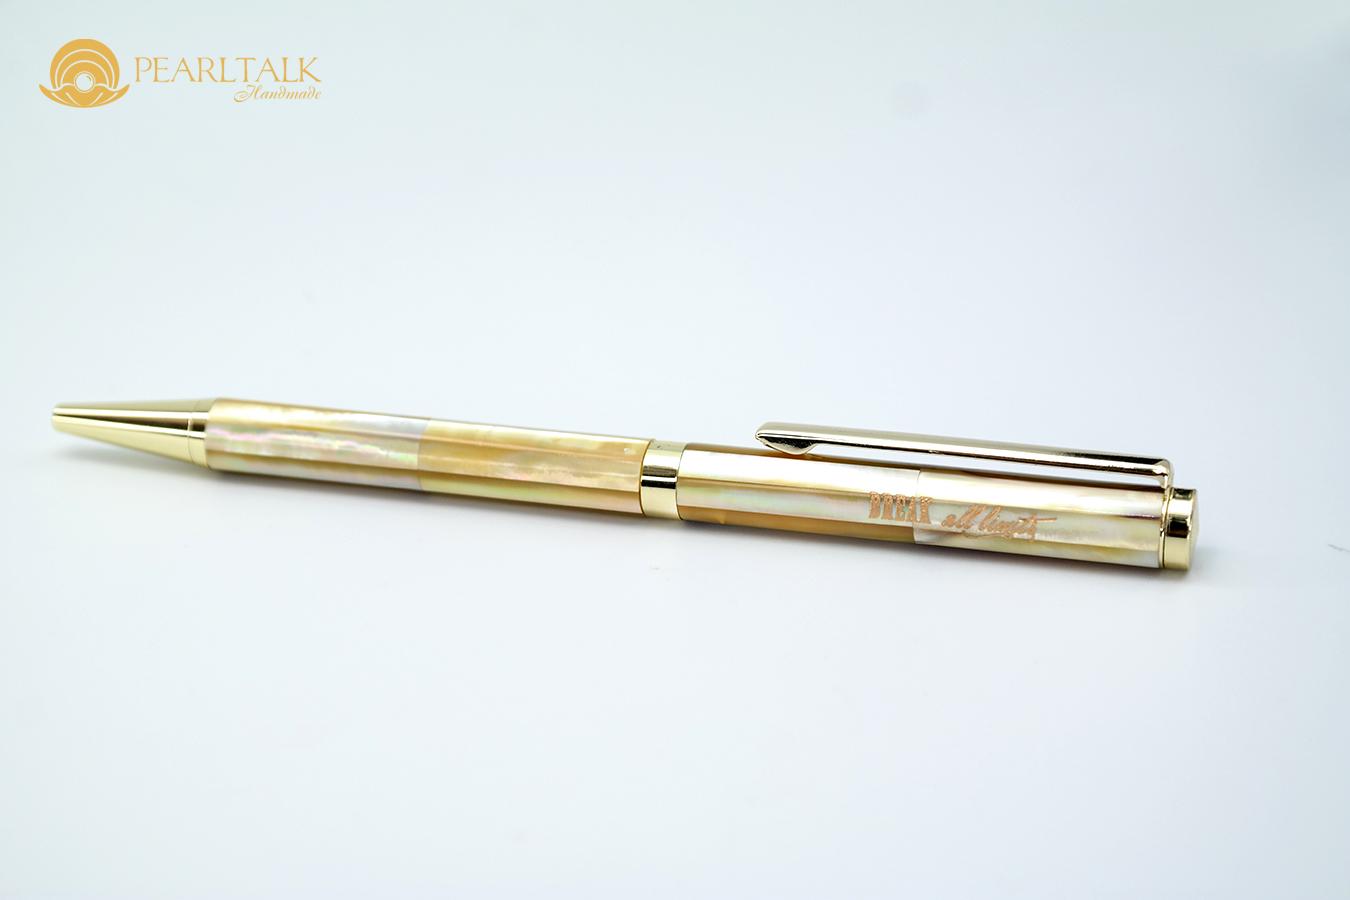 Bút Pearltalk phổ thông form 1 (thân nhỏ) - màu vàng